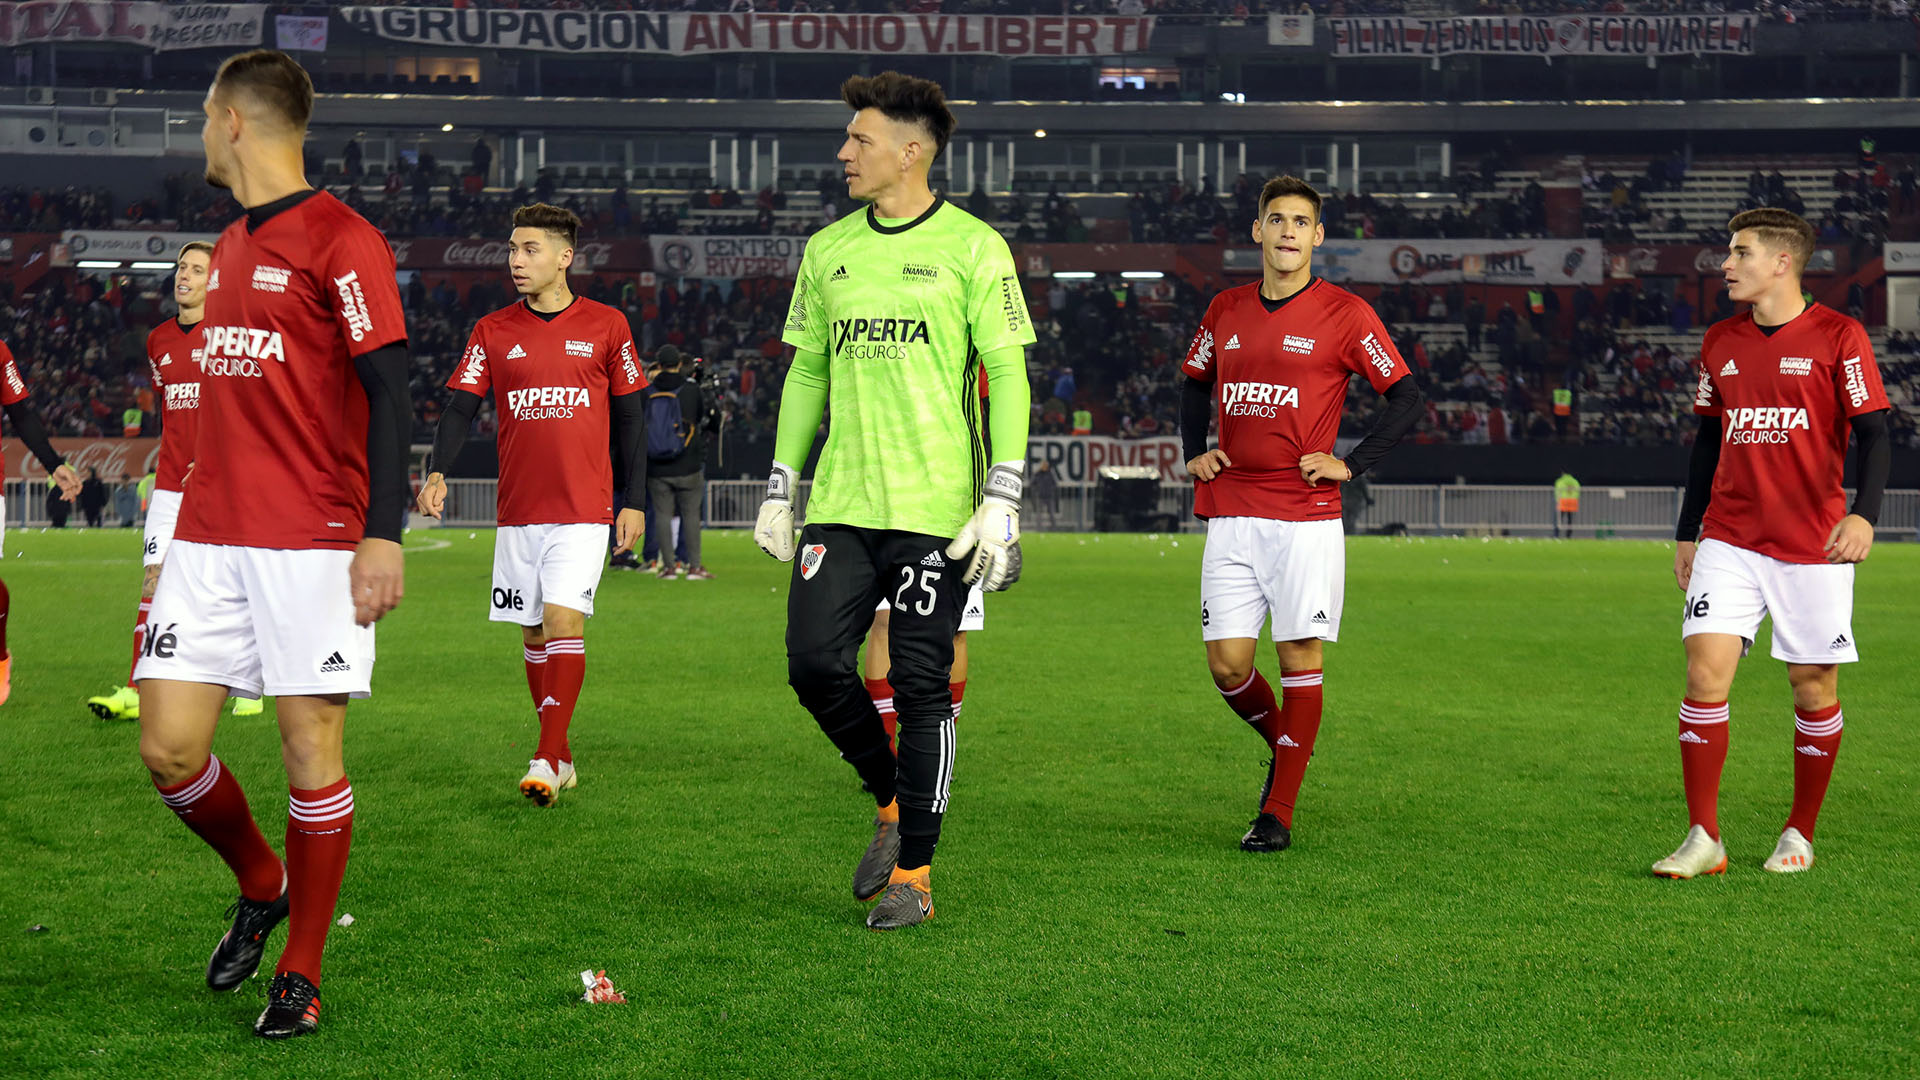 Un equipo jugó de rojo y el otro con la tradicional roja y blanca